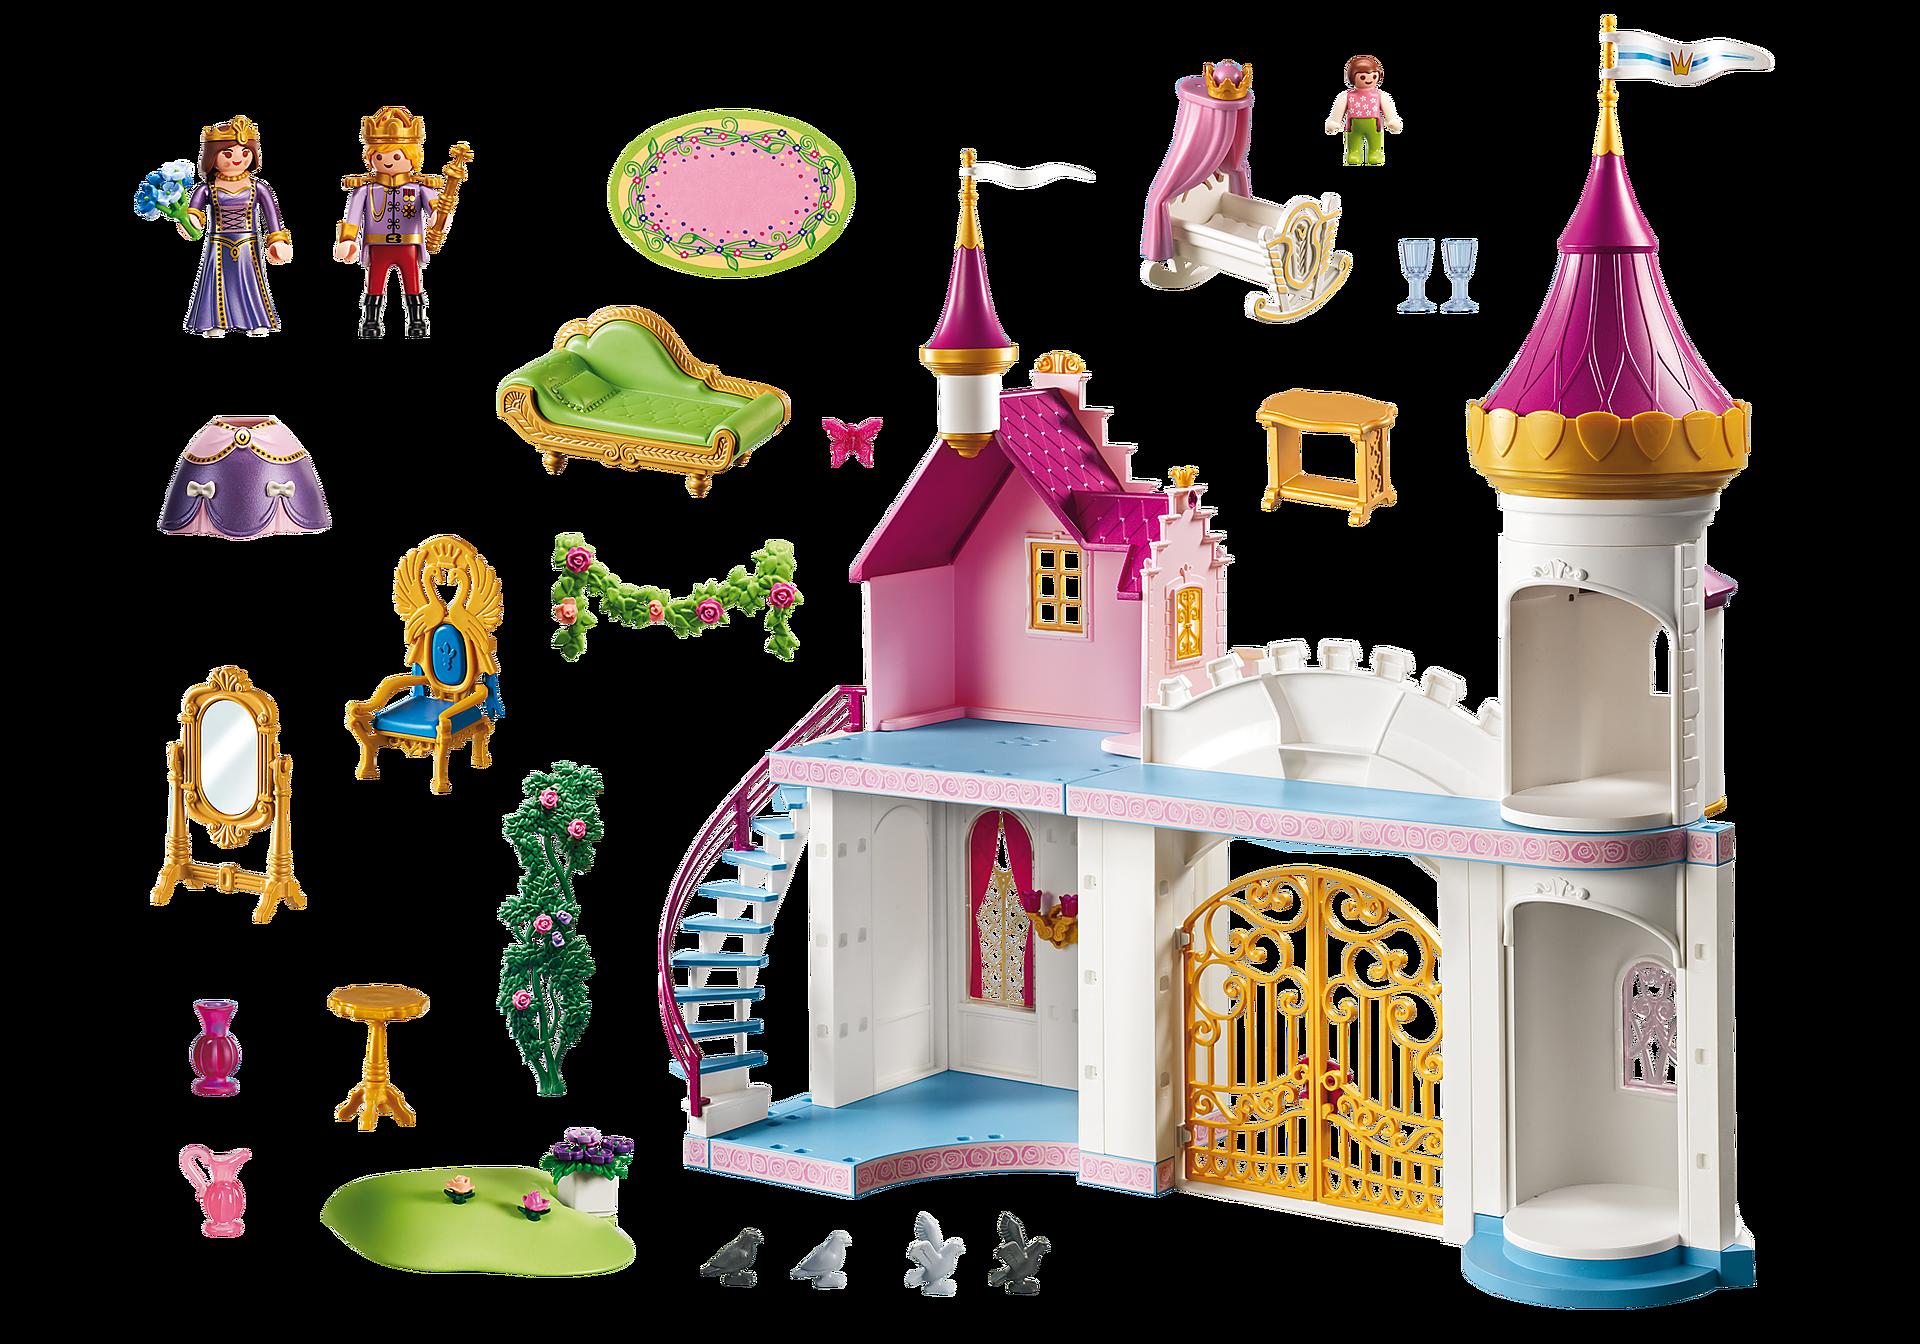 6849 Замок Принцессы: Королевская Резиденция zoom image3